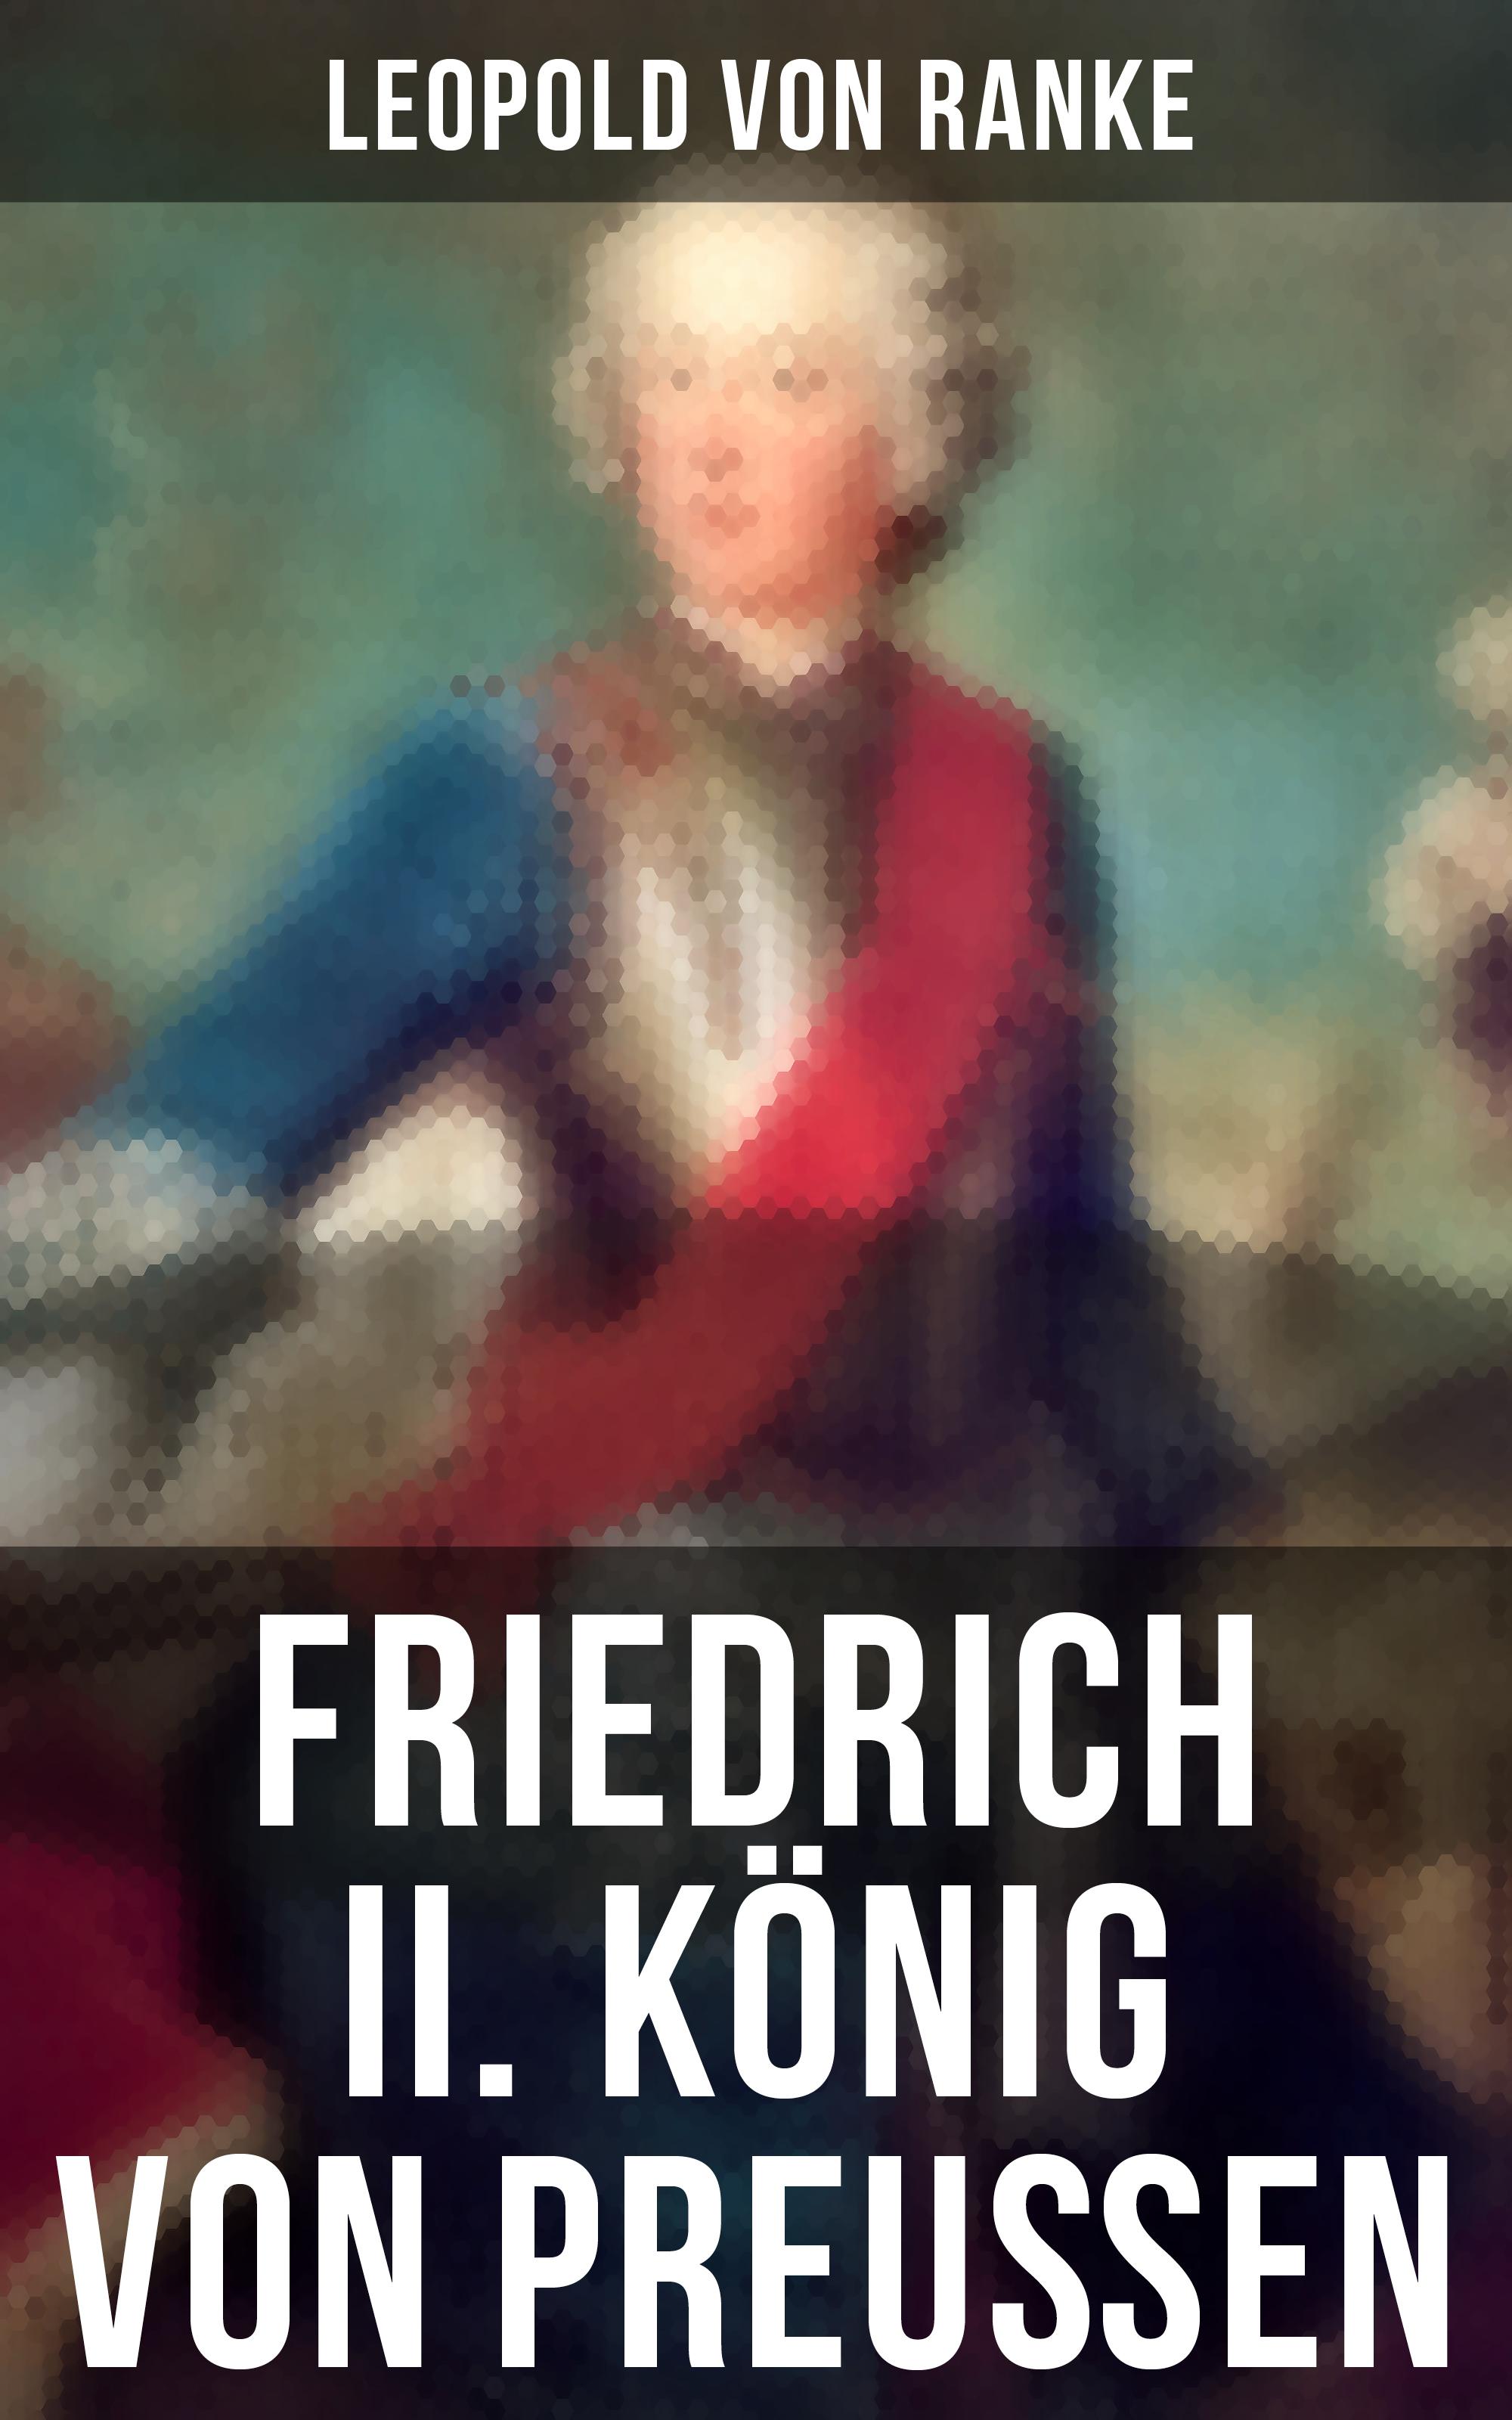 Leopold von Ranke Friedrich II. König von Preußen leopold von schroeder griechische gotter und heroen